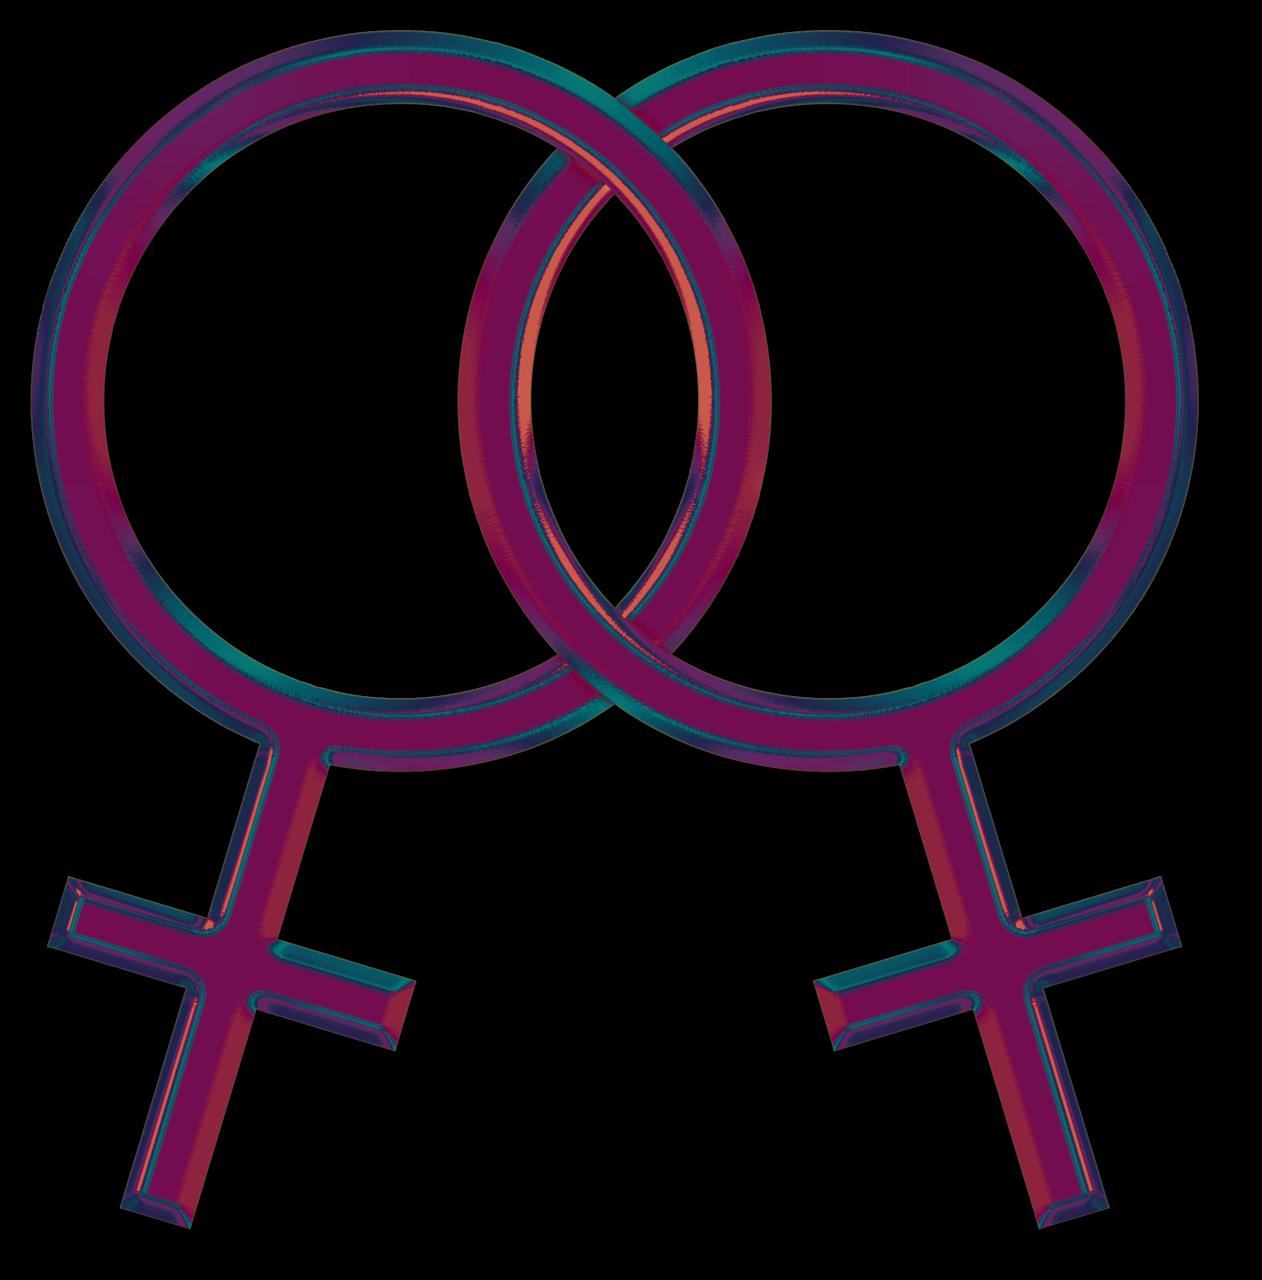 Gay lesbian symbol homosexual transparent image lesbian pinterest gay lesbian symbol homosexual transparent image buycottarizona